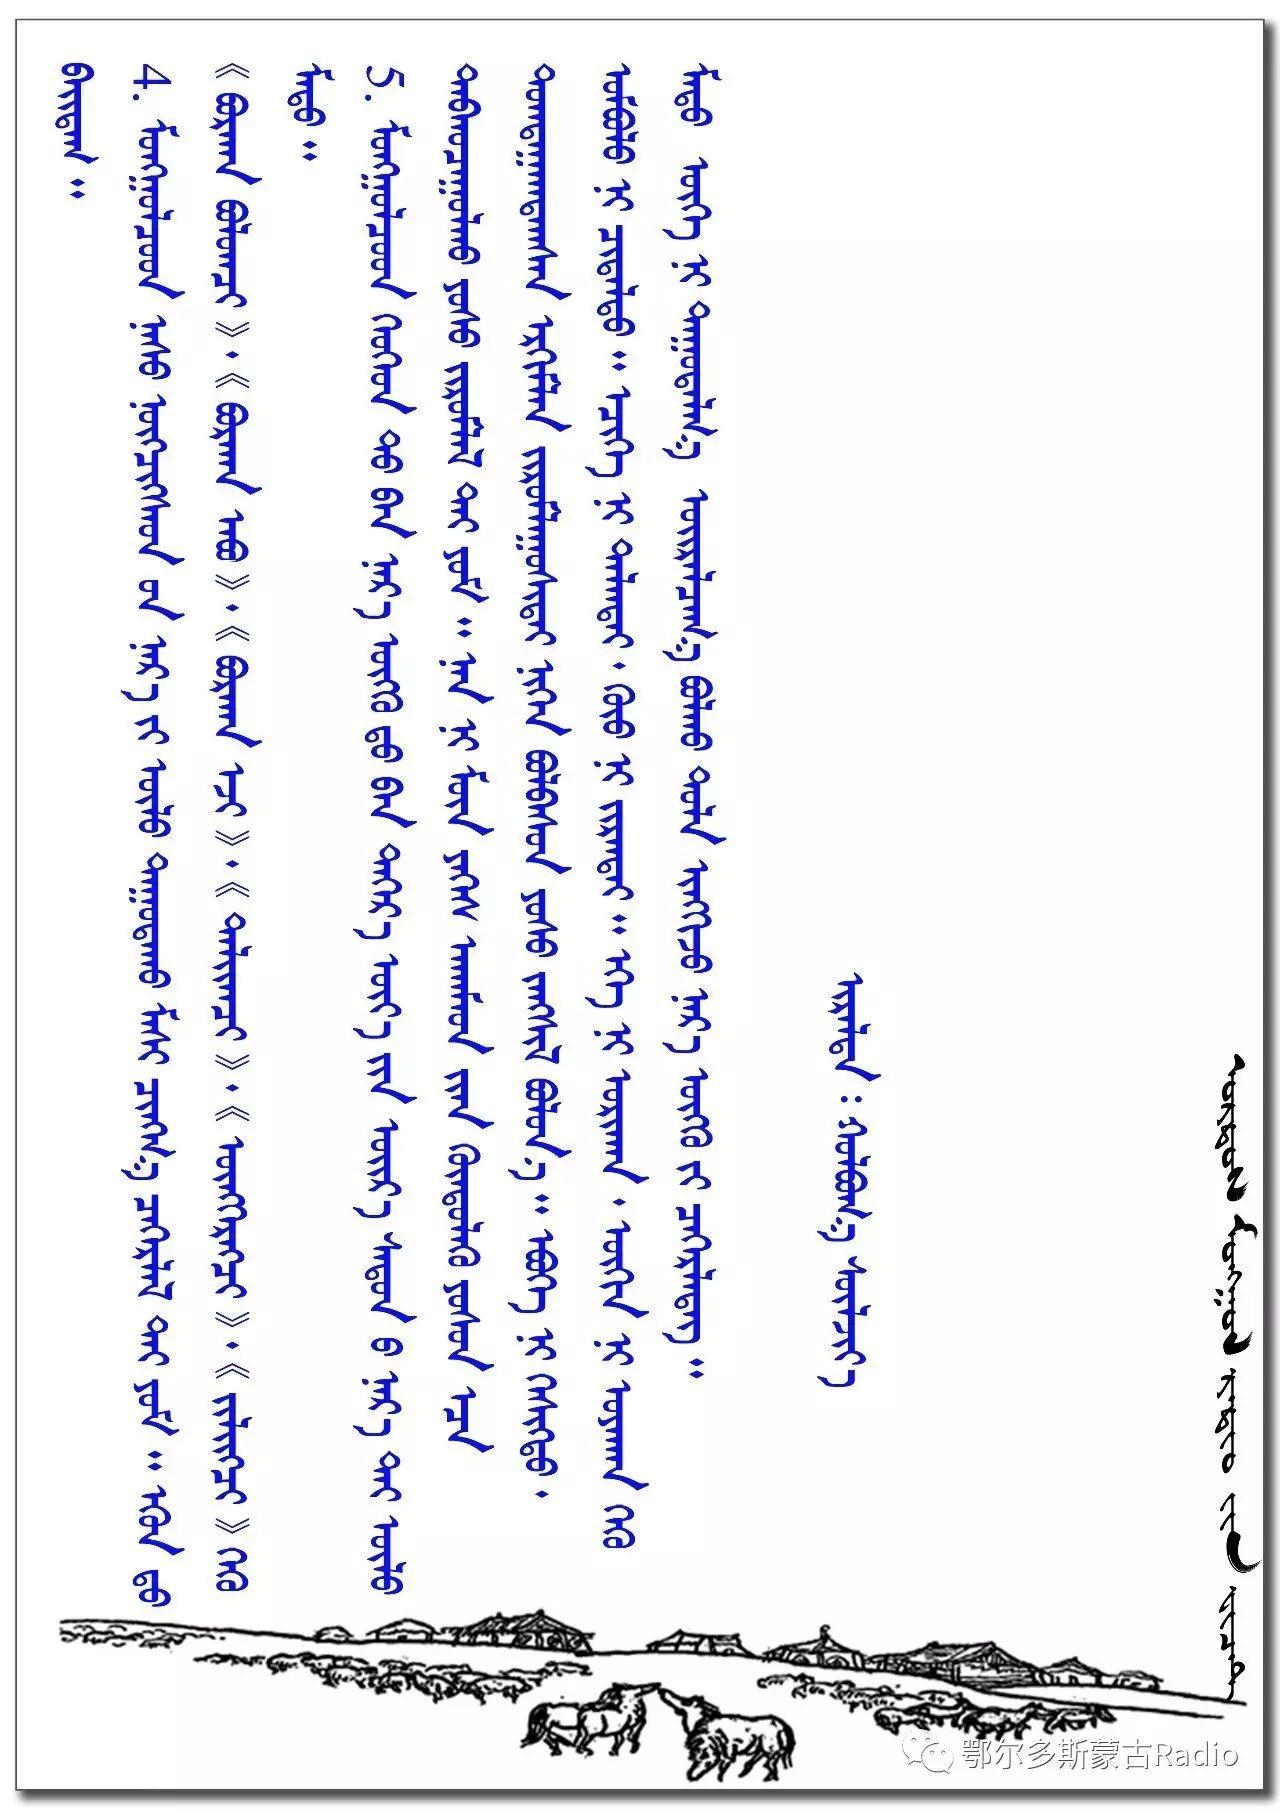 【习俗】蒙古人起名字习俗,年轻的父母们快来看看是怎么回事(蒙古文) 第14张 【习俗】蒙古人起名字习俗,年轻的父母们快来看看是怎么回事(蒙古文) 蒙古文库